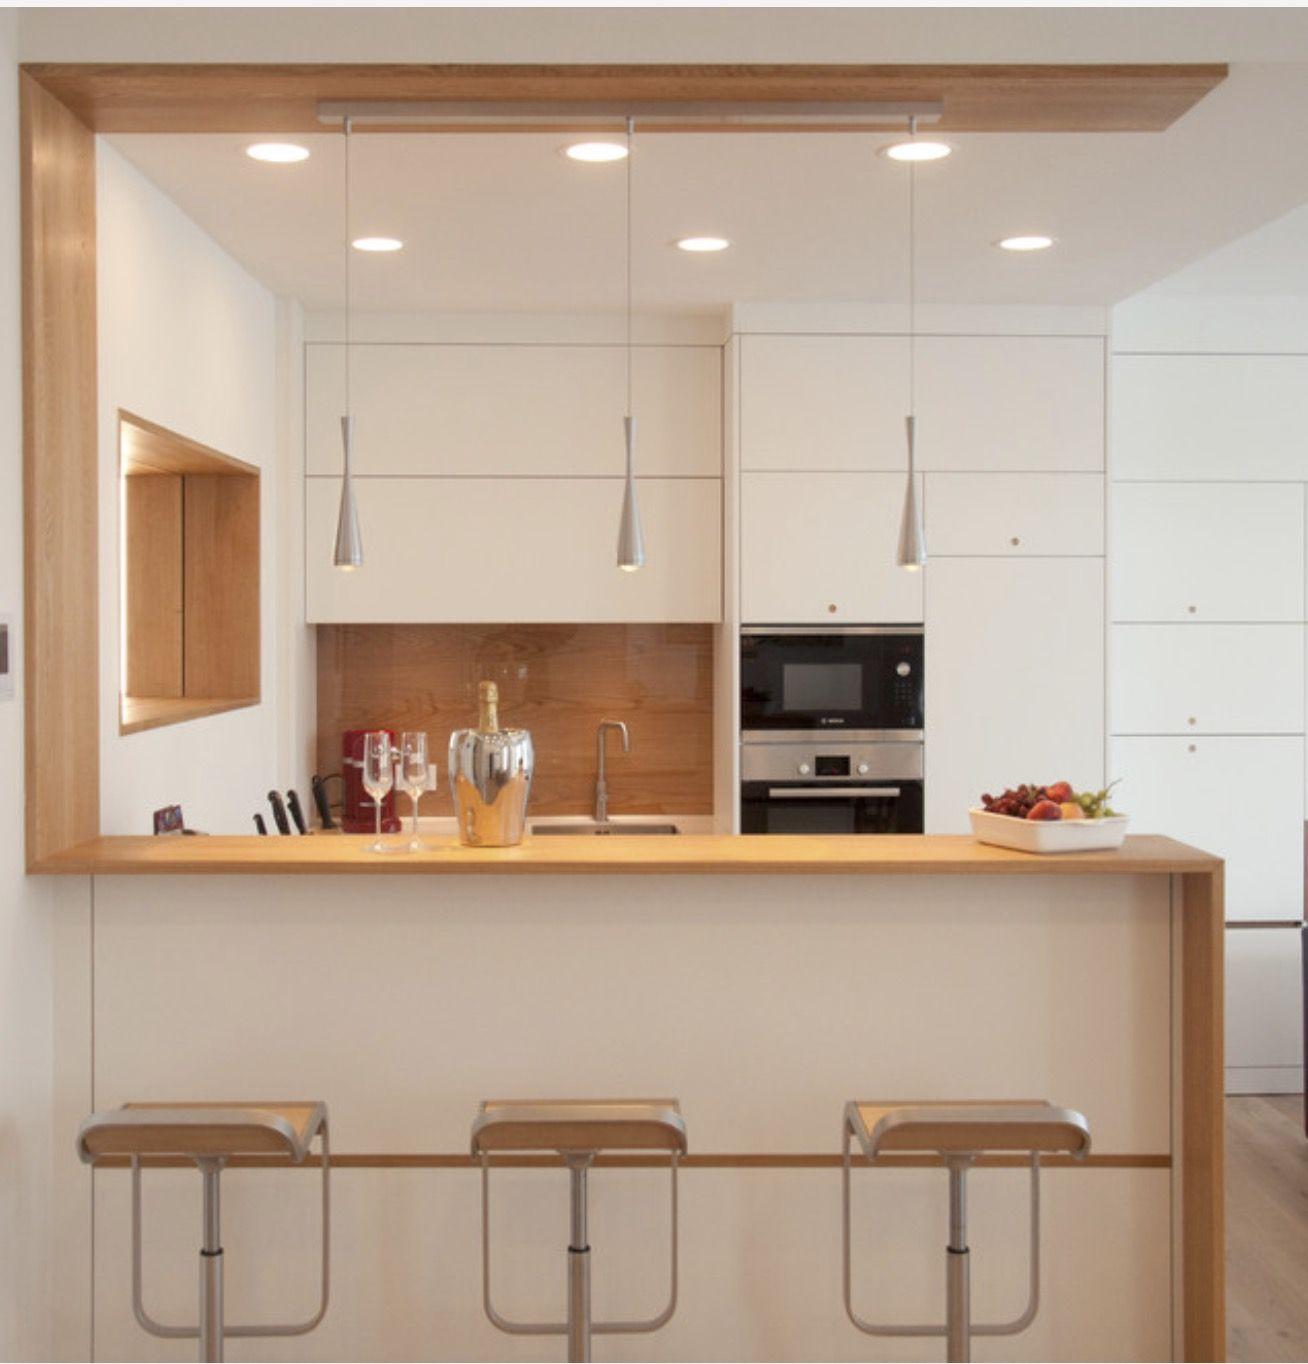 Quelle houzz Kleine Küchen Moderne küche, Kleine küche